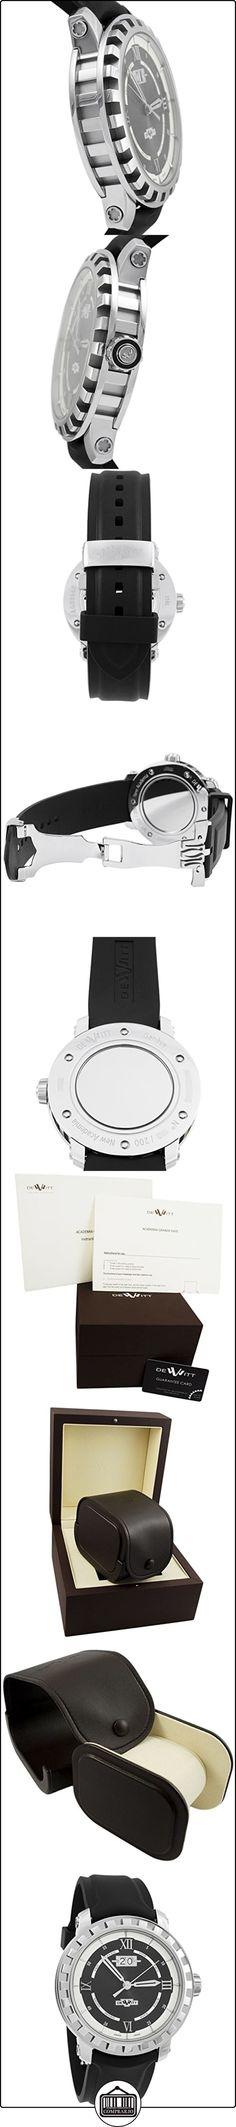 Dewitt Academia grande Fecha automática de acero inoxidable reloj para hombre Nac. Gde. 001  ✿ Relojes para hombre - (Lujo) ✿